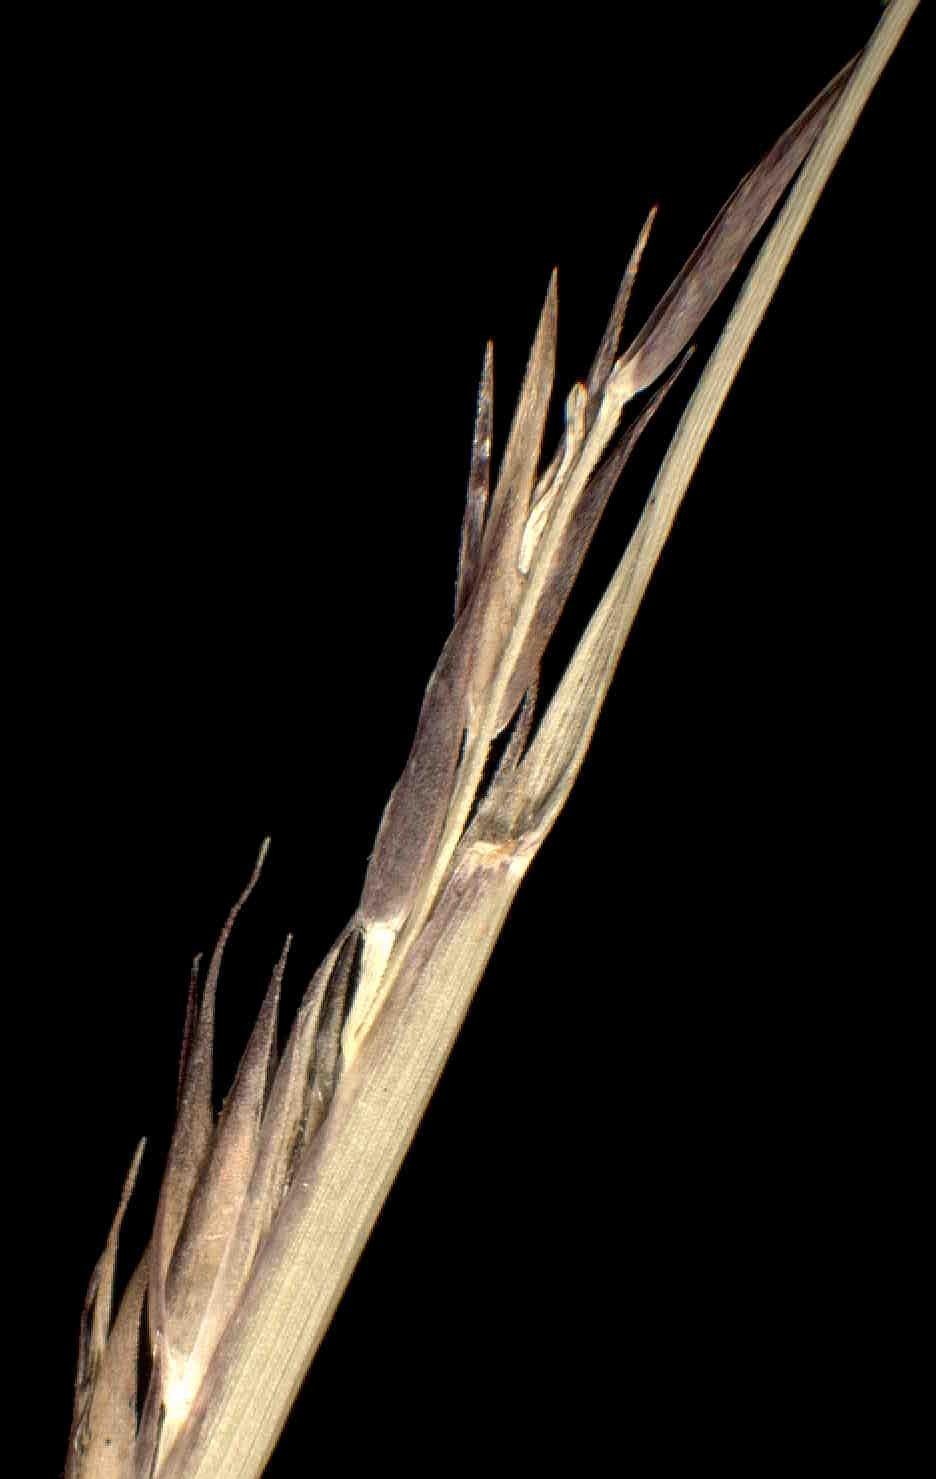 © Dipartimento di Scienze della Vita, Università degli Studi di Trieste<br>by Andrea Moro<br>Comune di Frassineto Po, luogo incolto con radi cespugli, a 200 metri dalla riva del Po. , AL, Piemonte, Italia, 15/1/05 0.00.00<br>Distributed under CC-BY-SA 4.0 license.